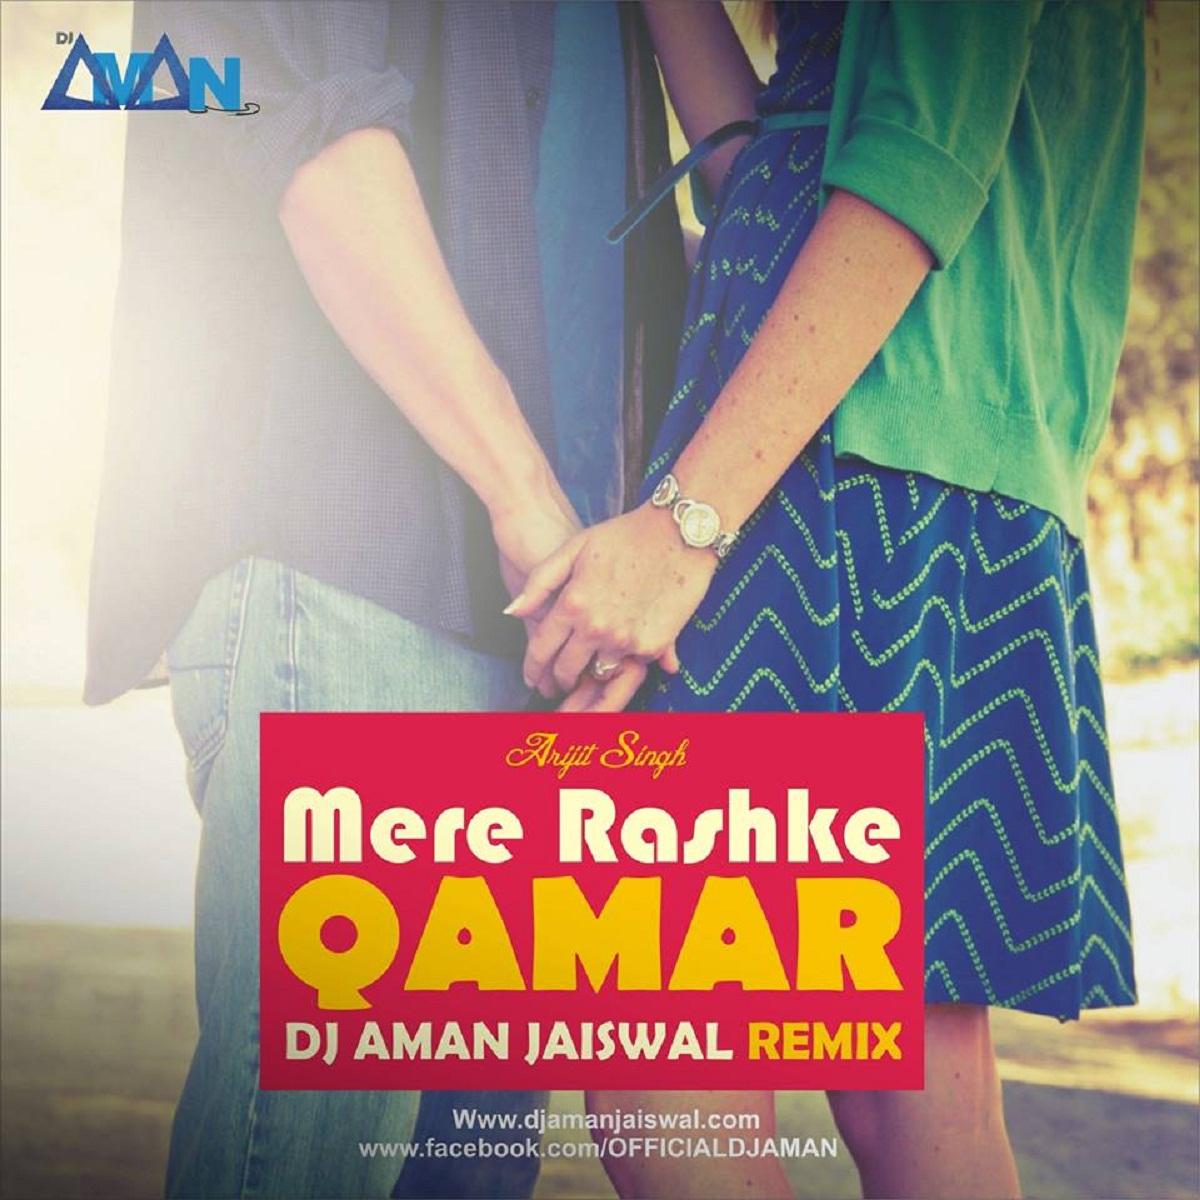 Bhagwa Rang Dj: Raske Qamar (Remix)